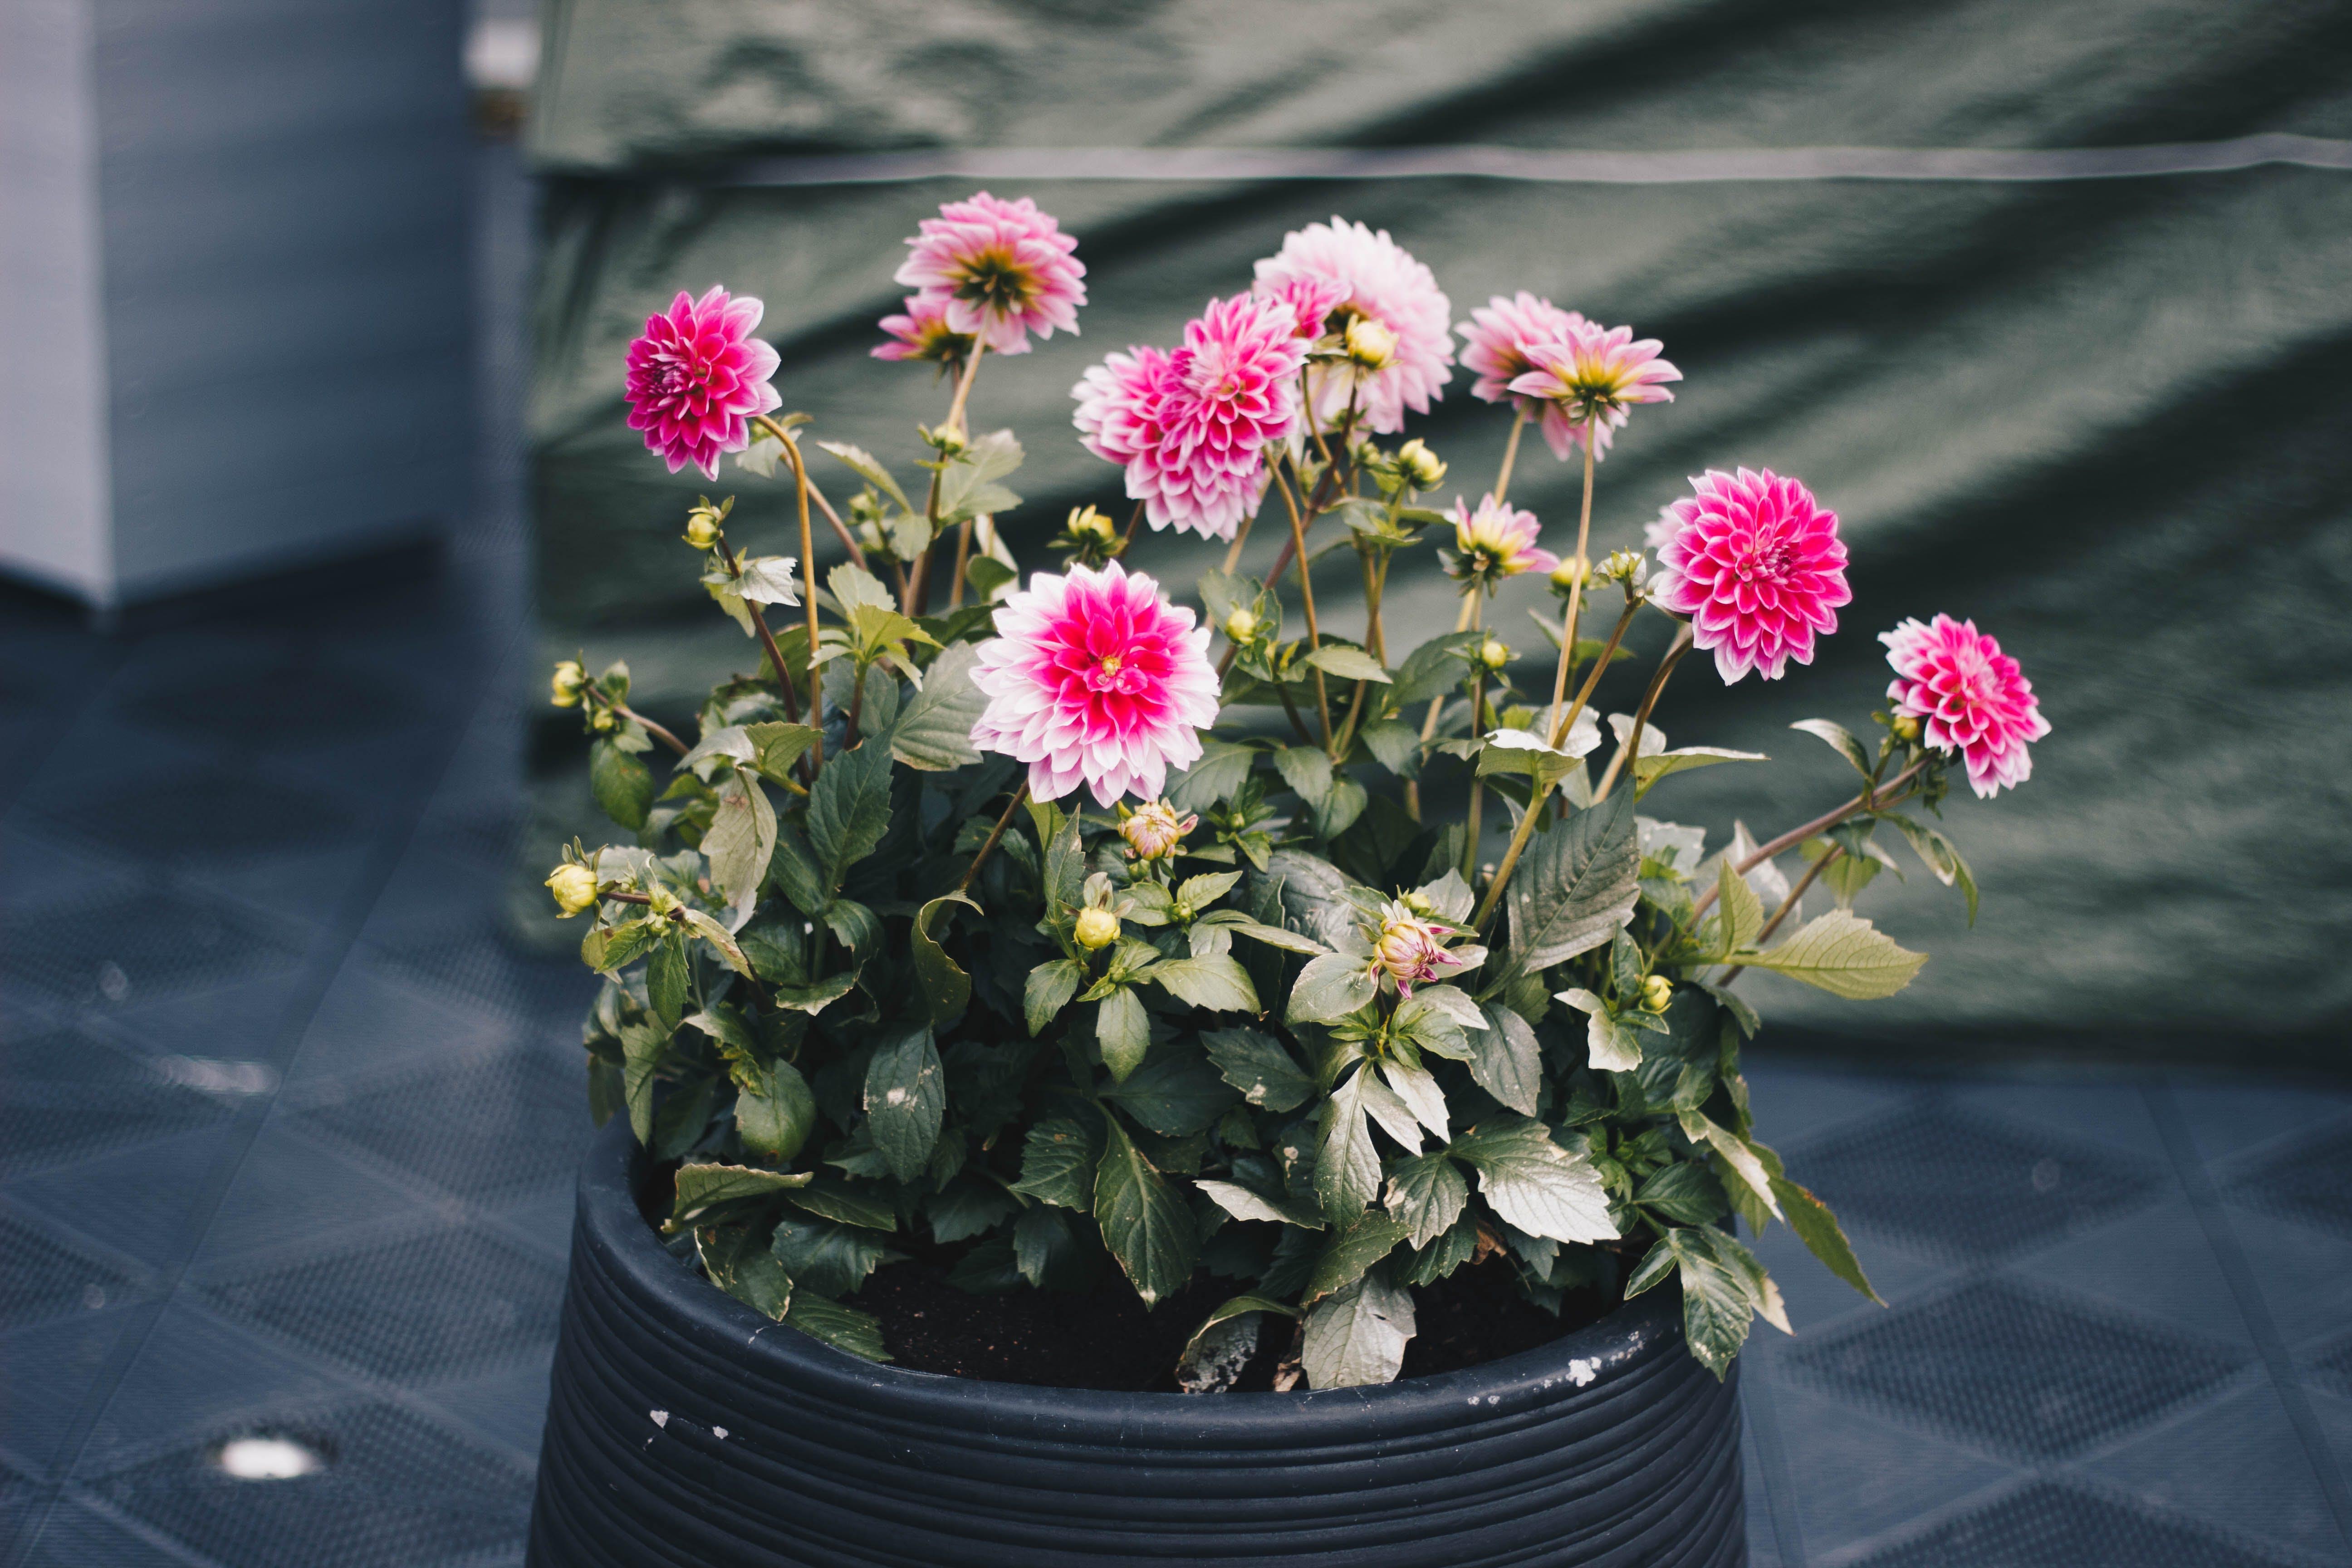 Fotos de stock gratuitas de cacerola, crecimiento, crisantemo, flor